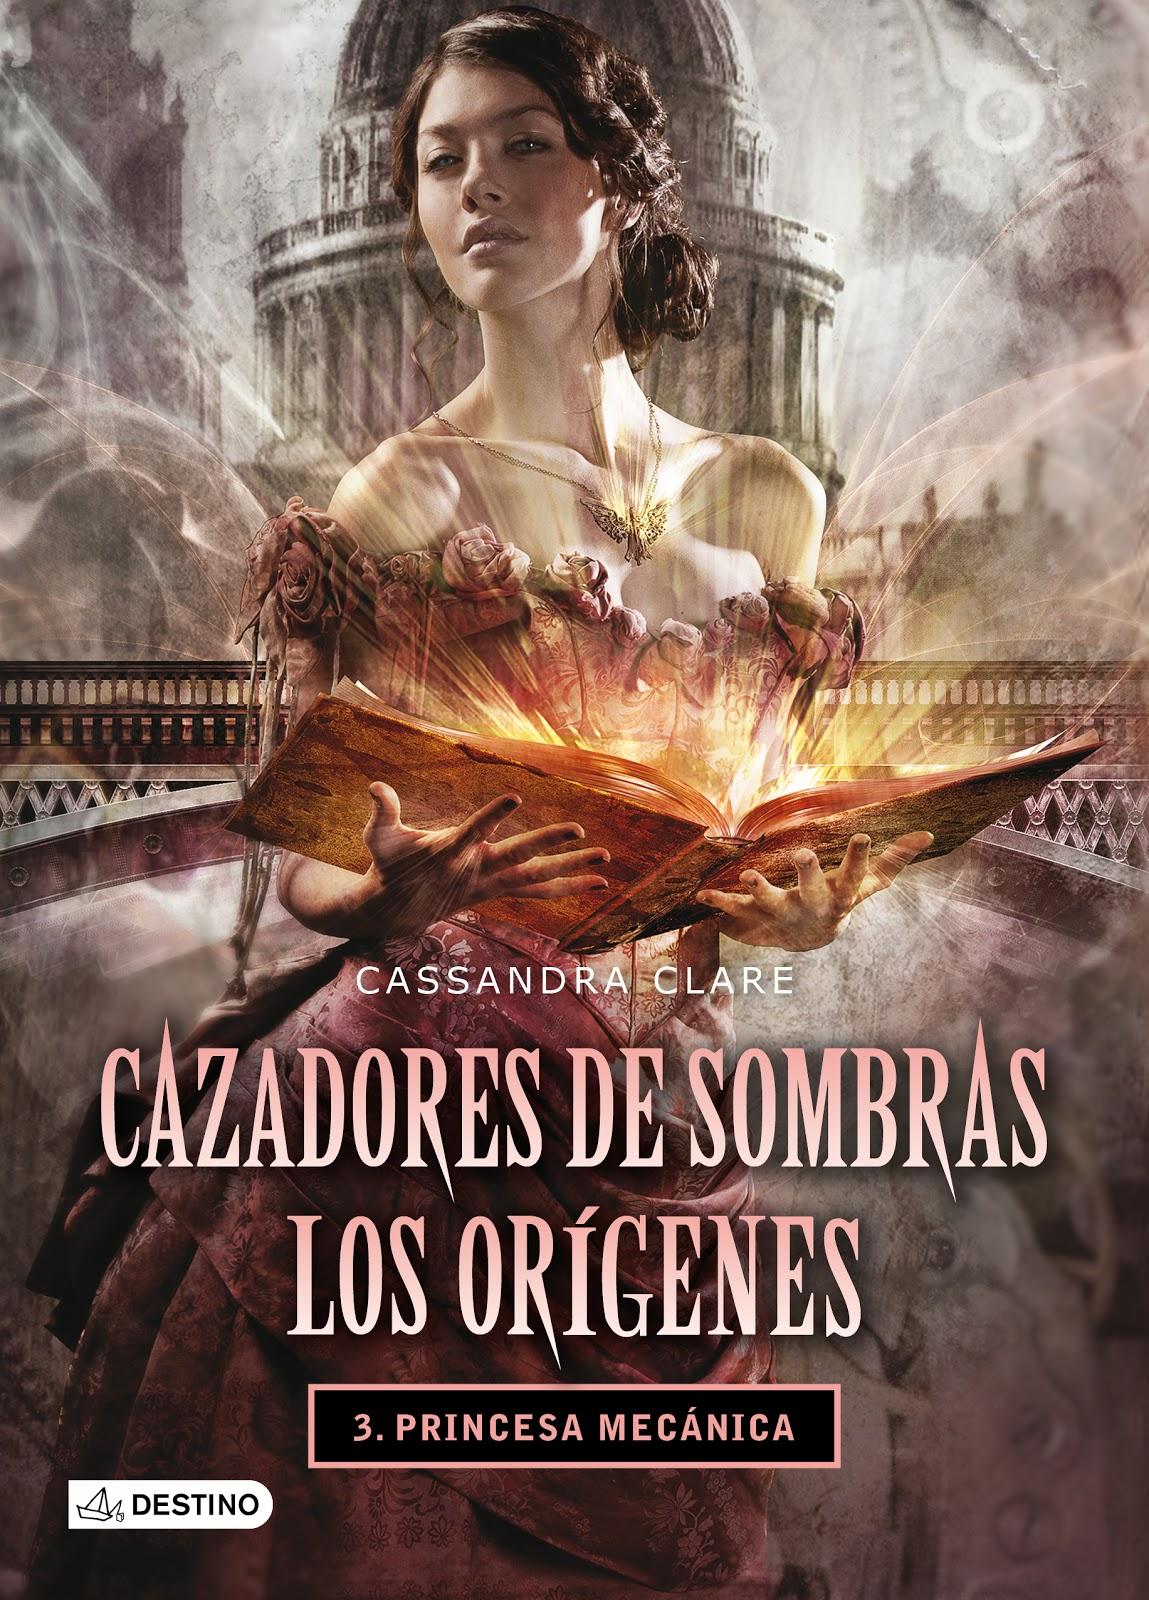 http://labibliotecadebella.blogspot.com.es/2016/11/cazadores-de-sombras-los-origenes.html